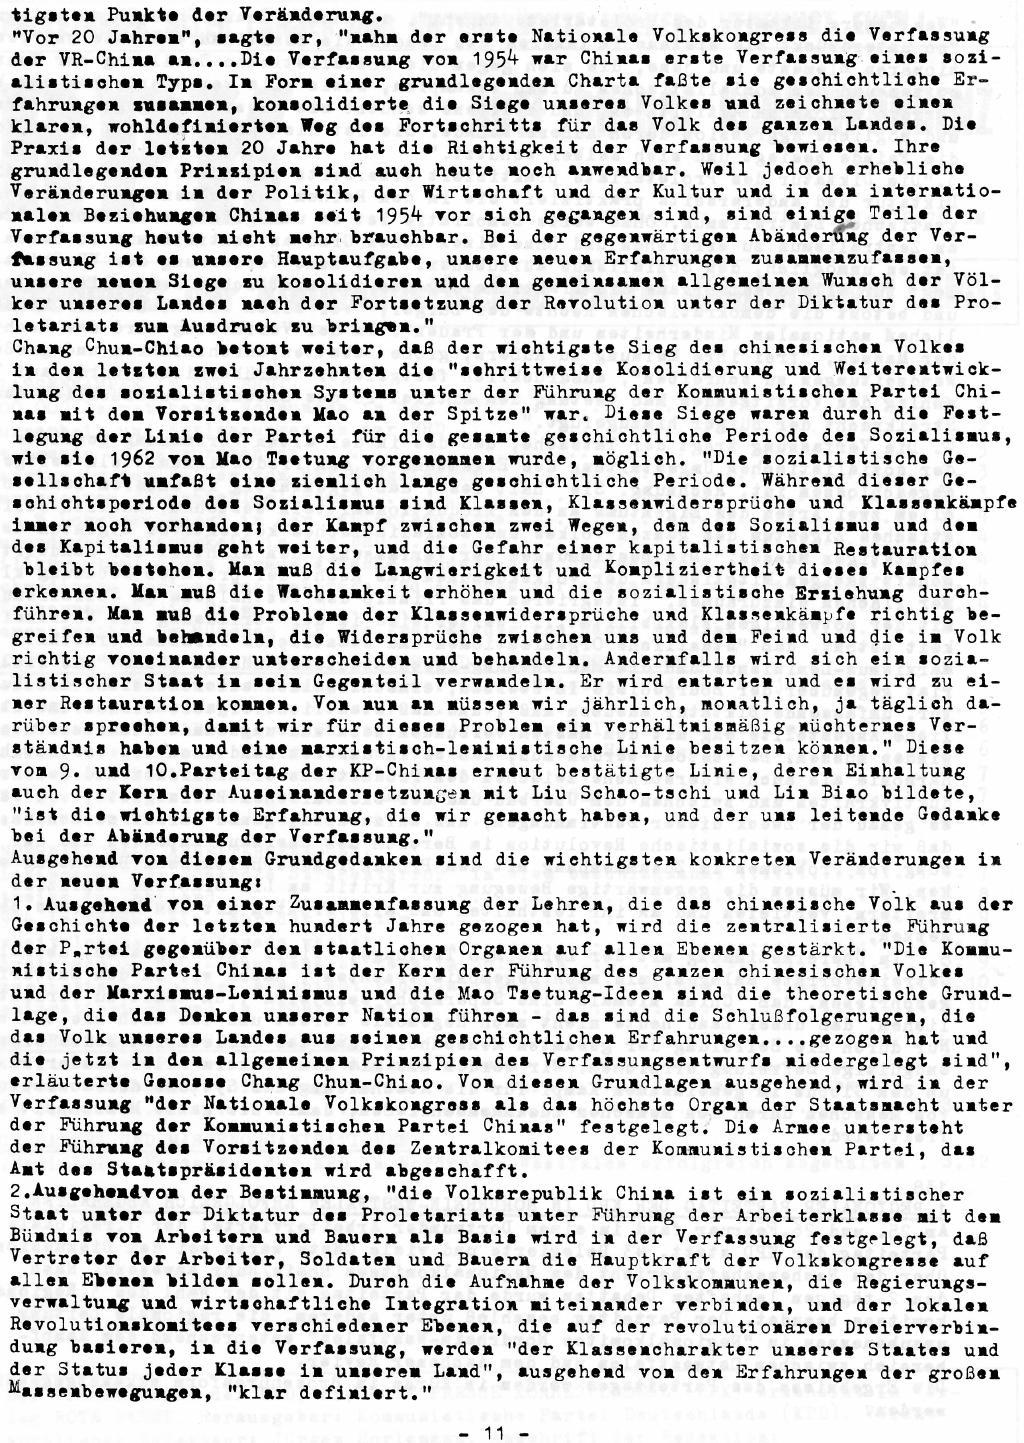 RPK_Pressedienst_1975_10_11